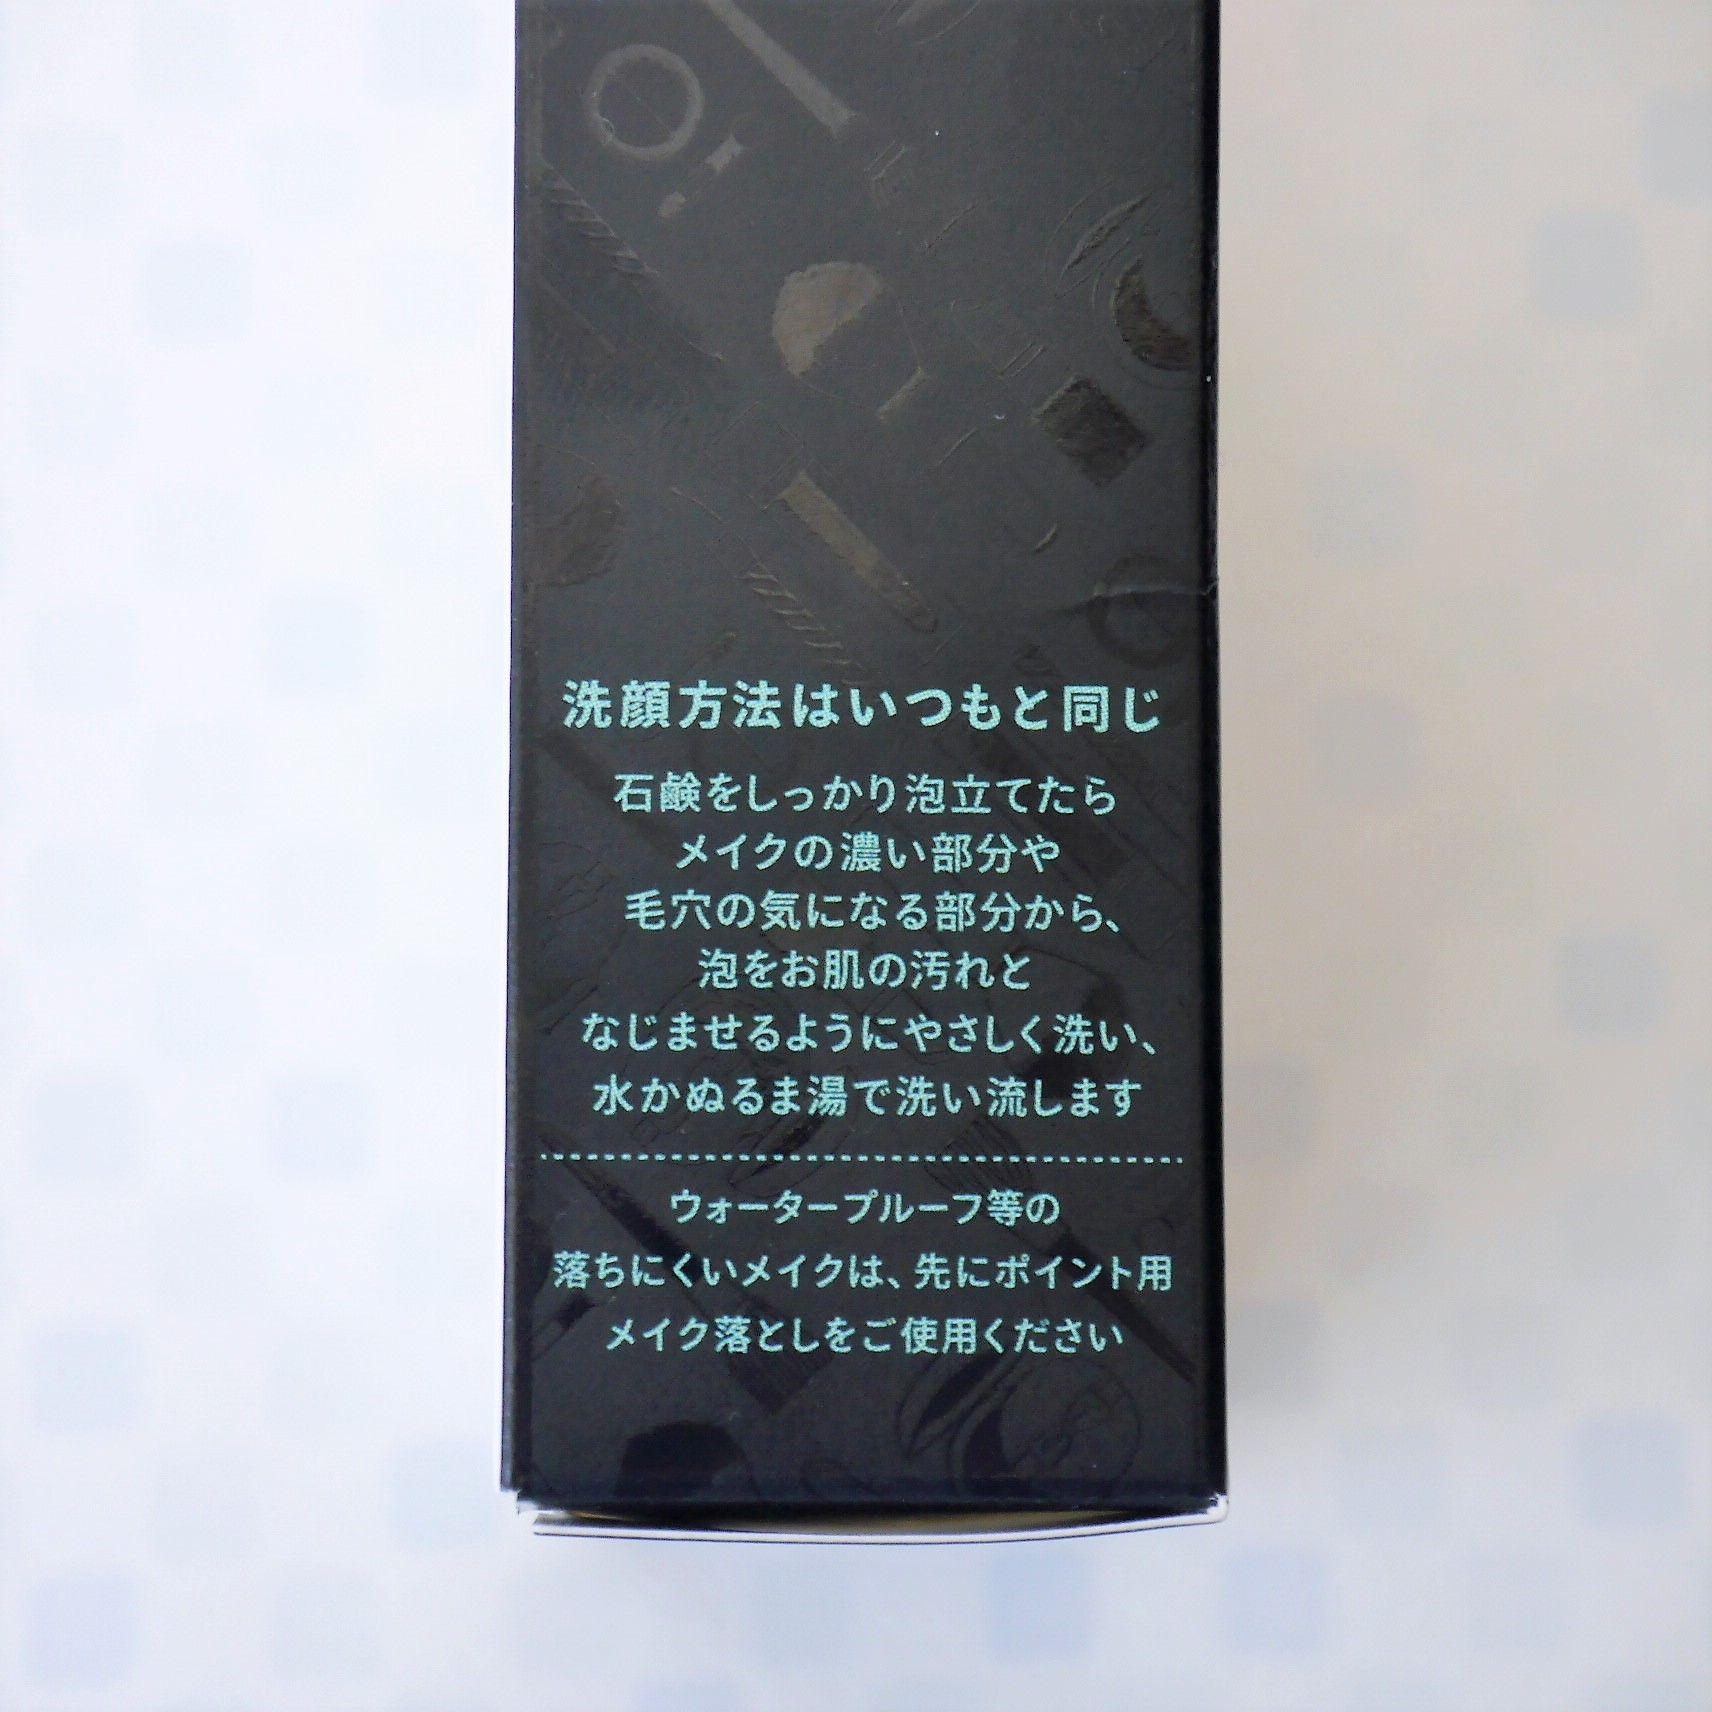 パッケージ_側面